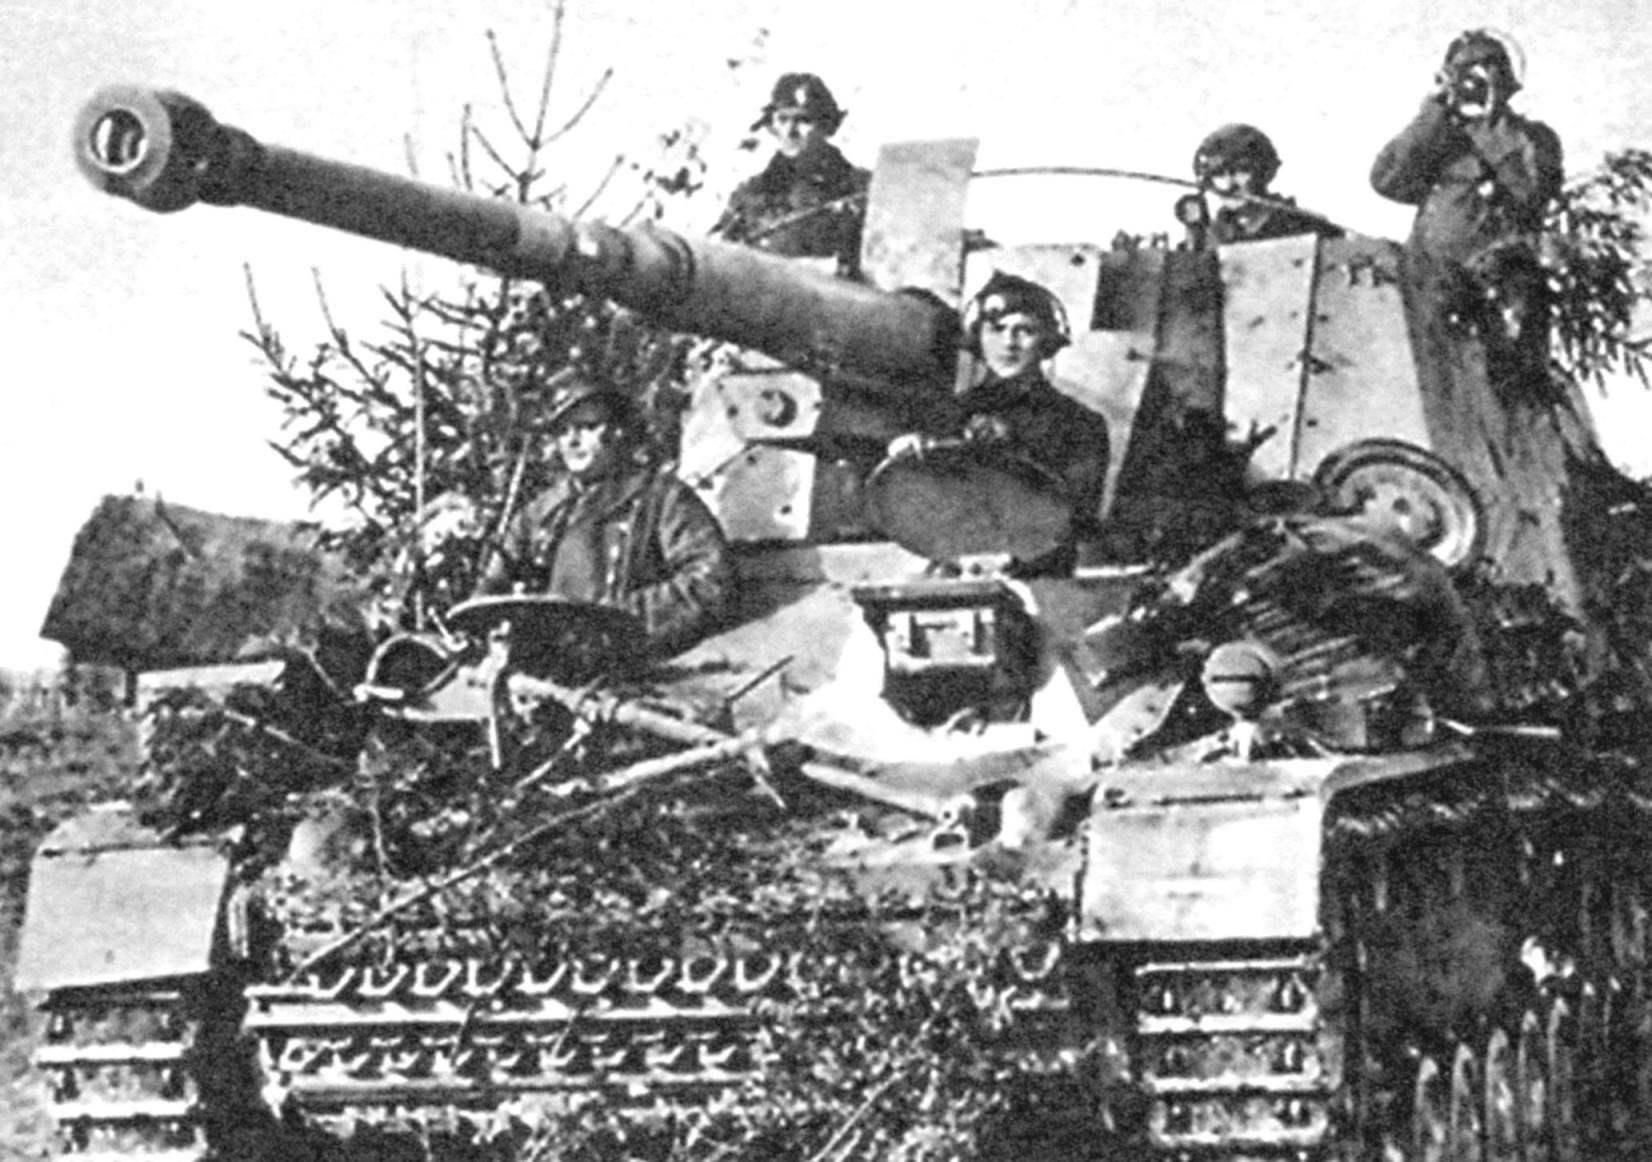 Экипаж установки на своих рабочих местах: слева - радист, справа - механик-водитель, в рубке: слева - заряжающий, в центре - наводчик, справа - командир машины. Восточный фронт, 1943 г.